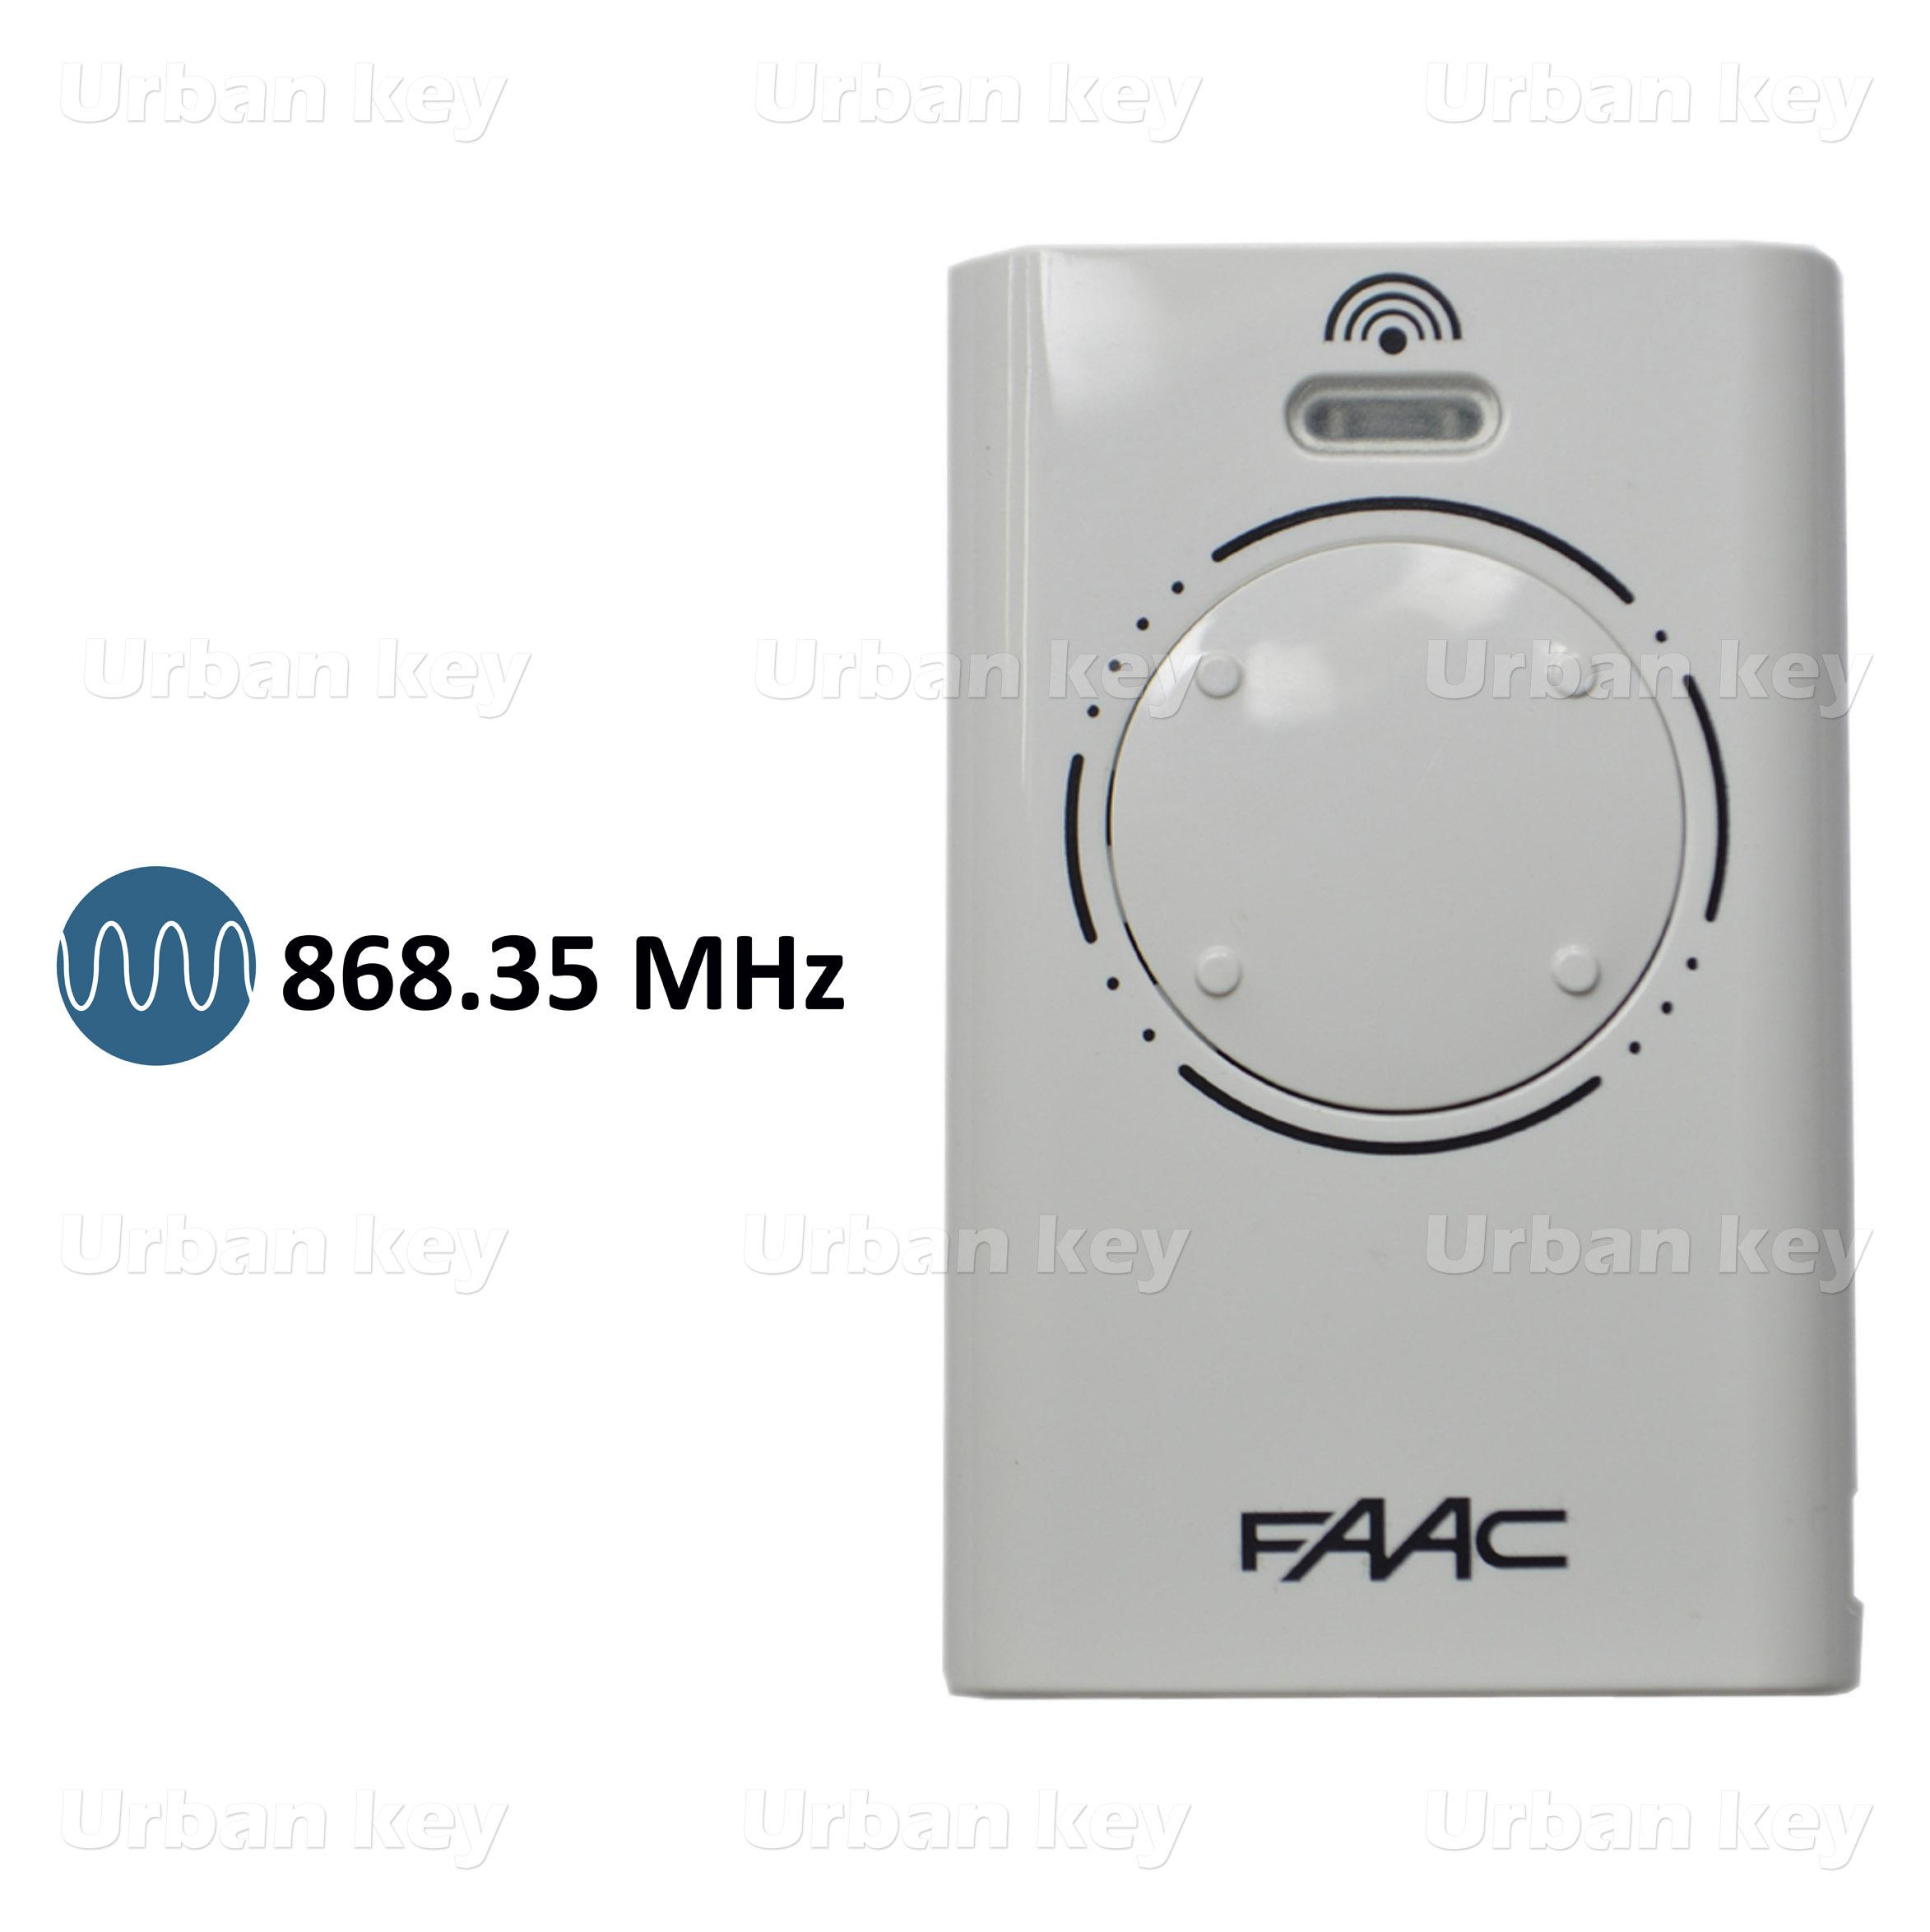 EMISSOR FAAC XT4 SLH 868 MHz 4 CANAIS